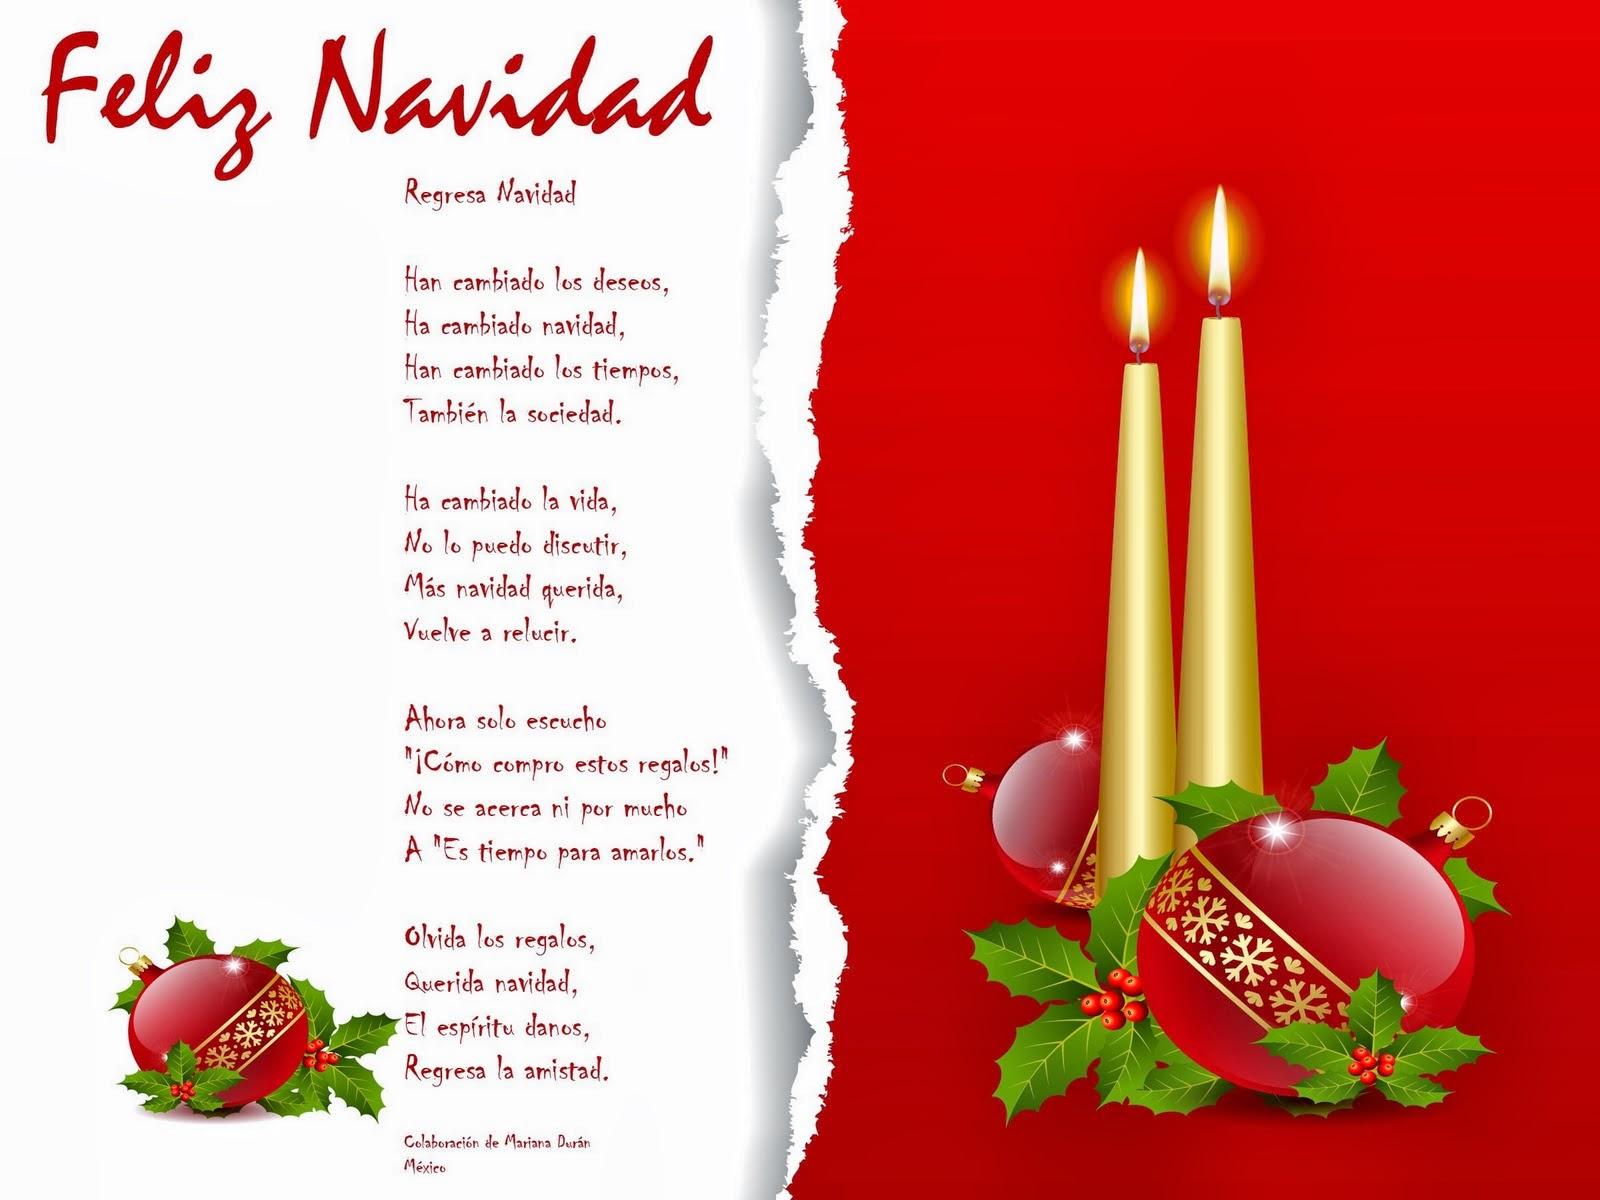 Imagenes de tarjetas de navidad para imprimir - Postales navidad hechas por ninos ...